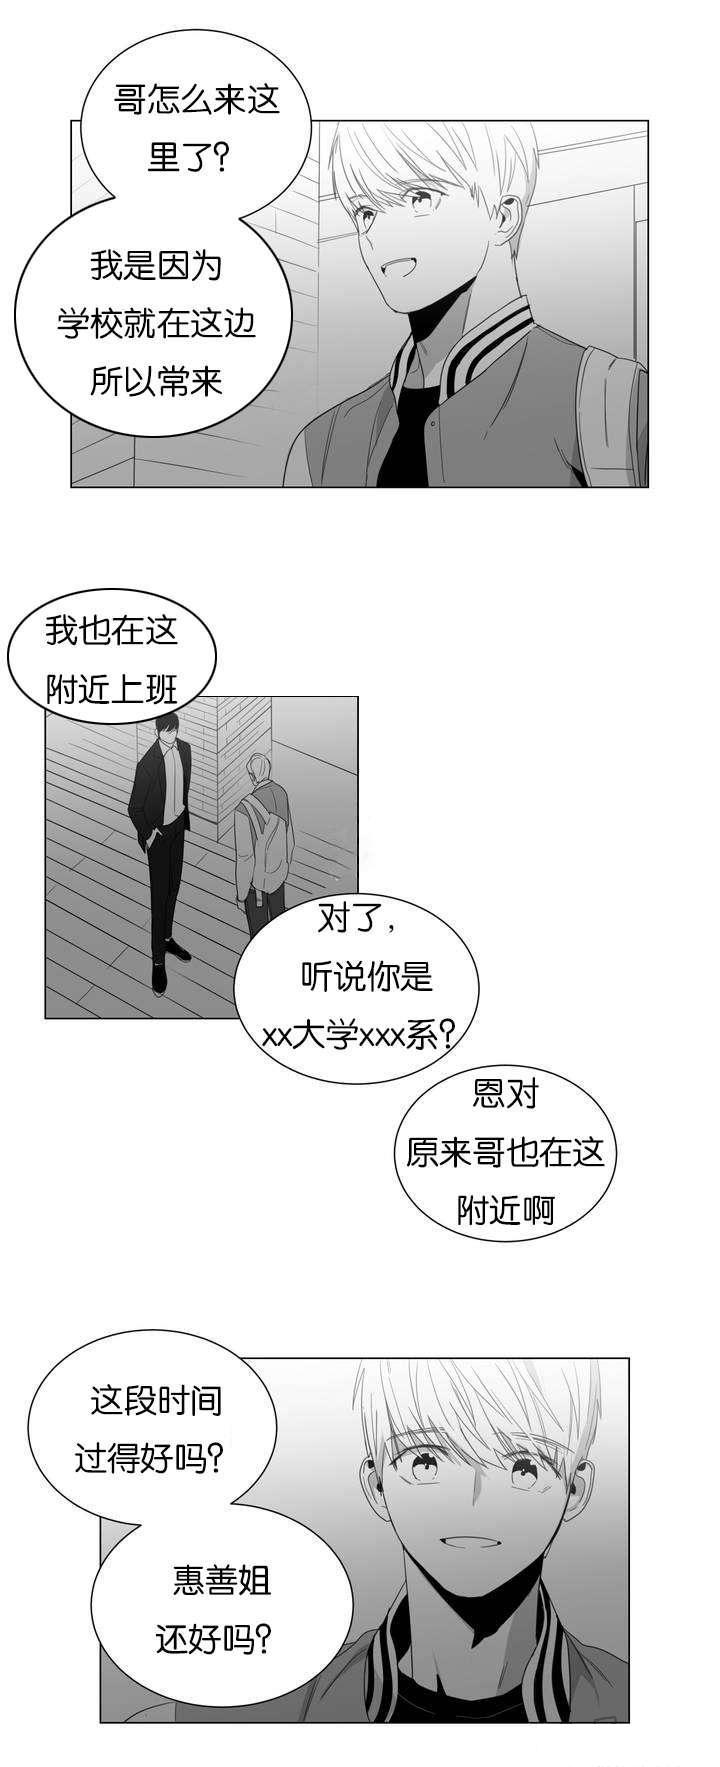 《爱慕的少年》——(韩漫漫画)——(全文免费阅读)